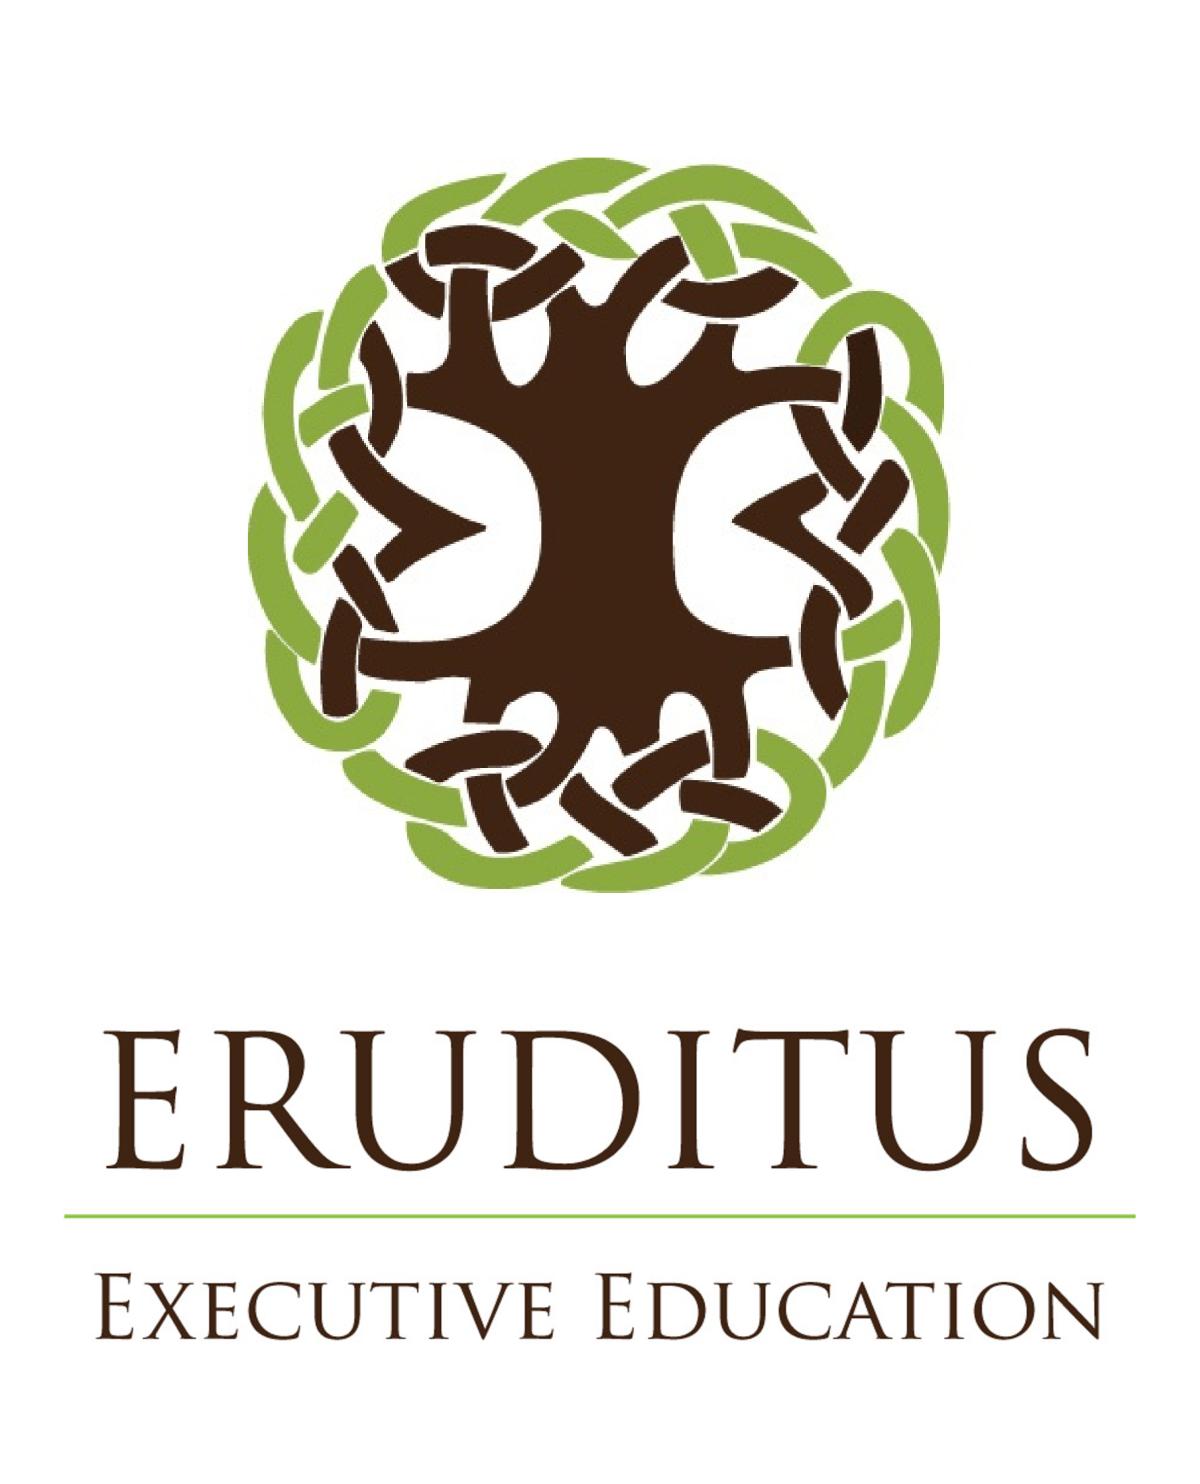 eruditus secures funding